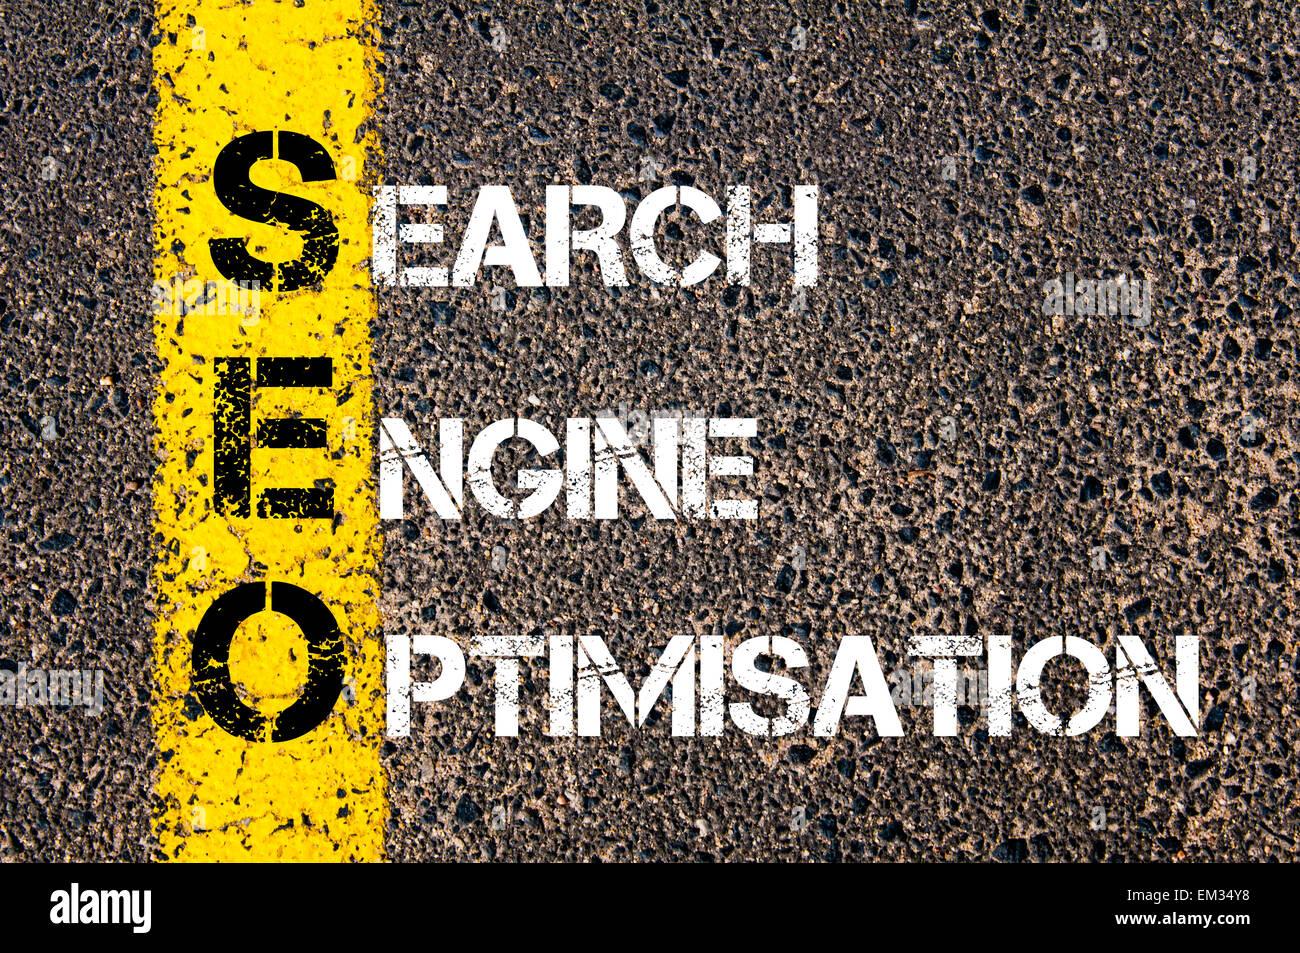 Acronym SEO - Search Engine Optimisation. - Stock Image